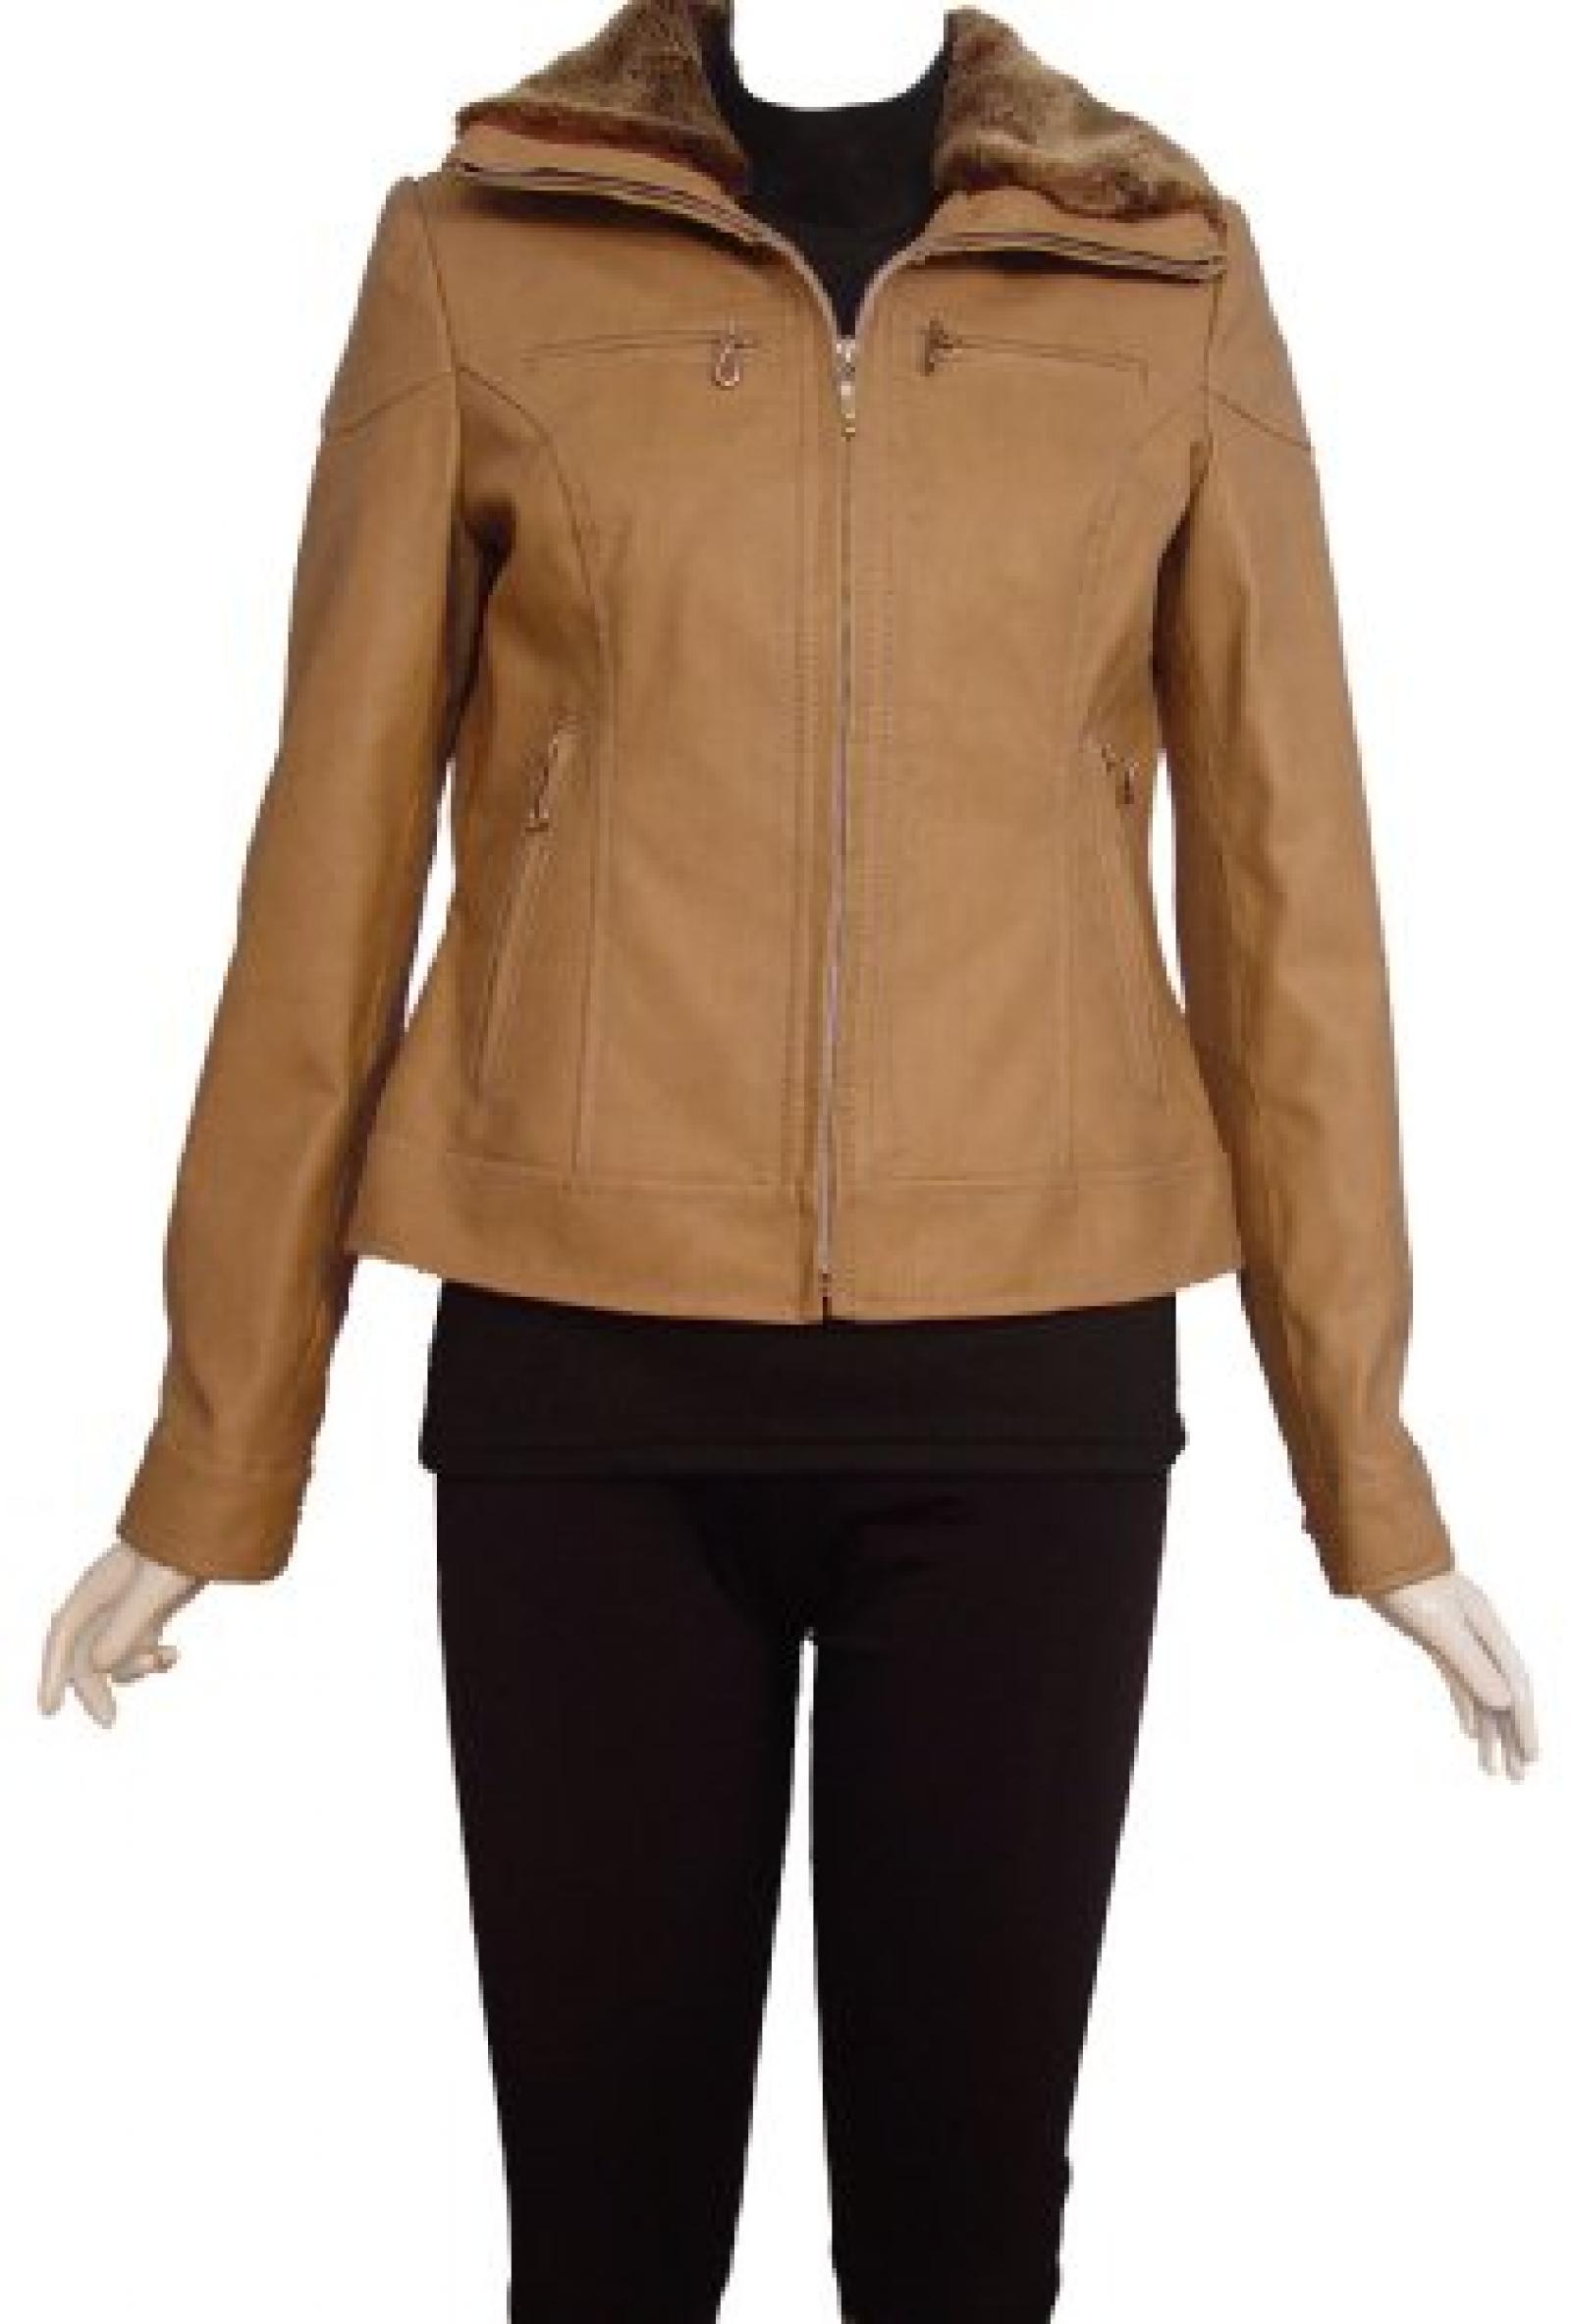 Nettailor Women 4088 Lambskin Leather Casual Jacket Faux Fur Collar